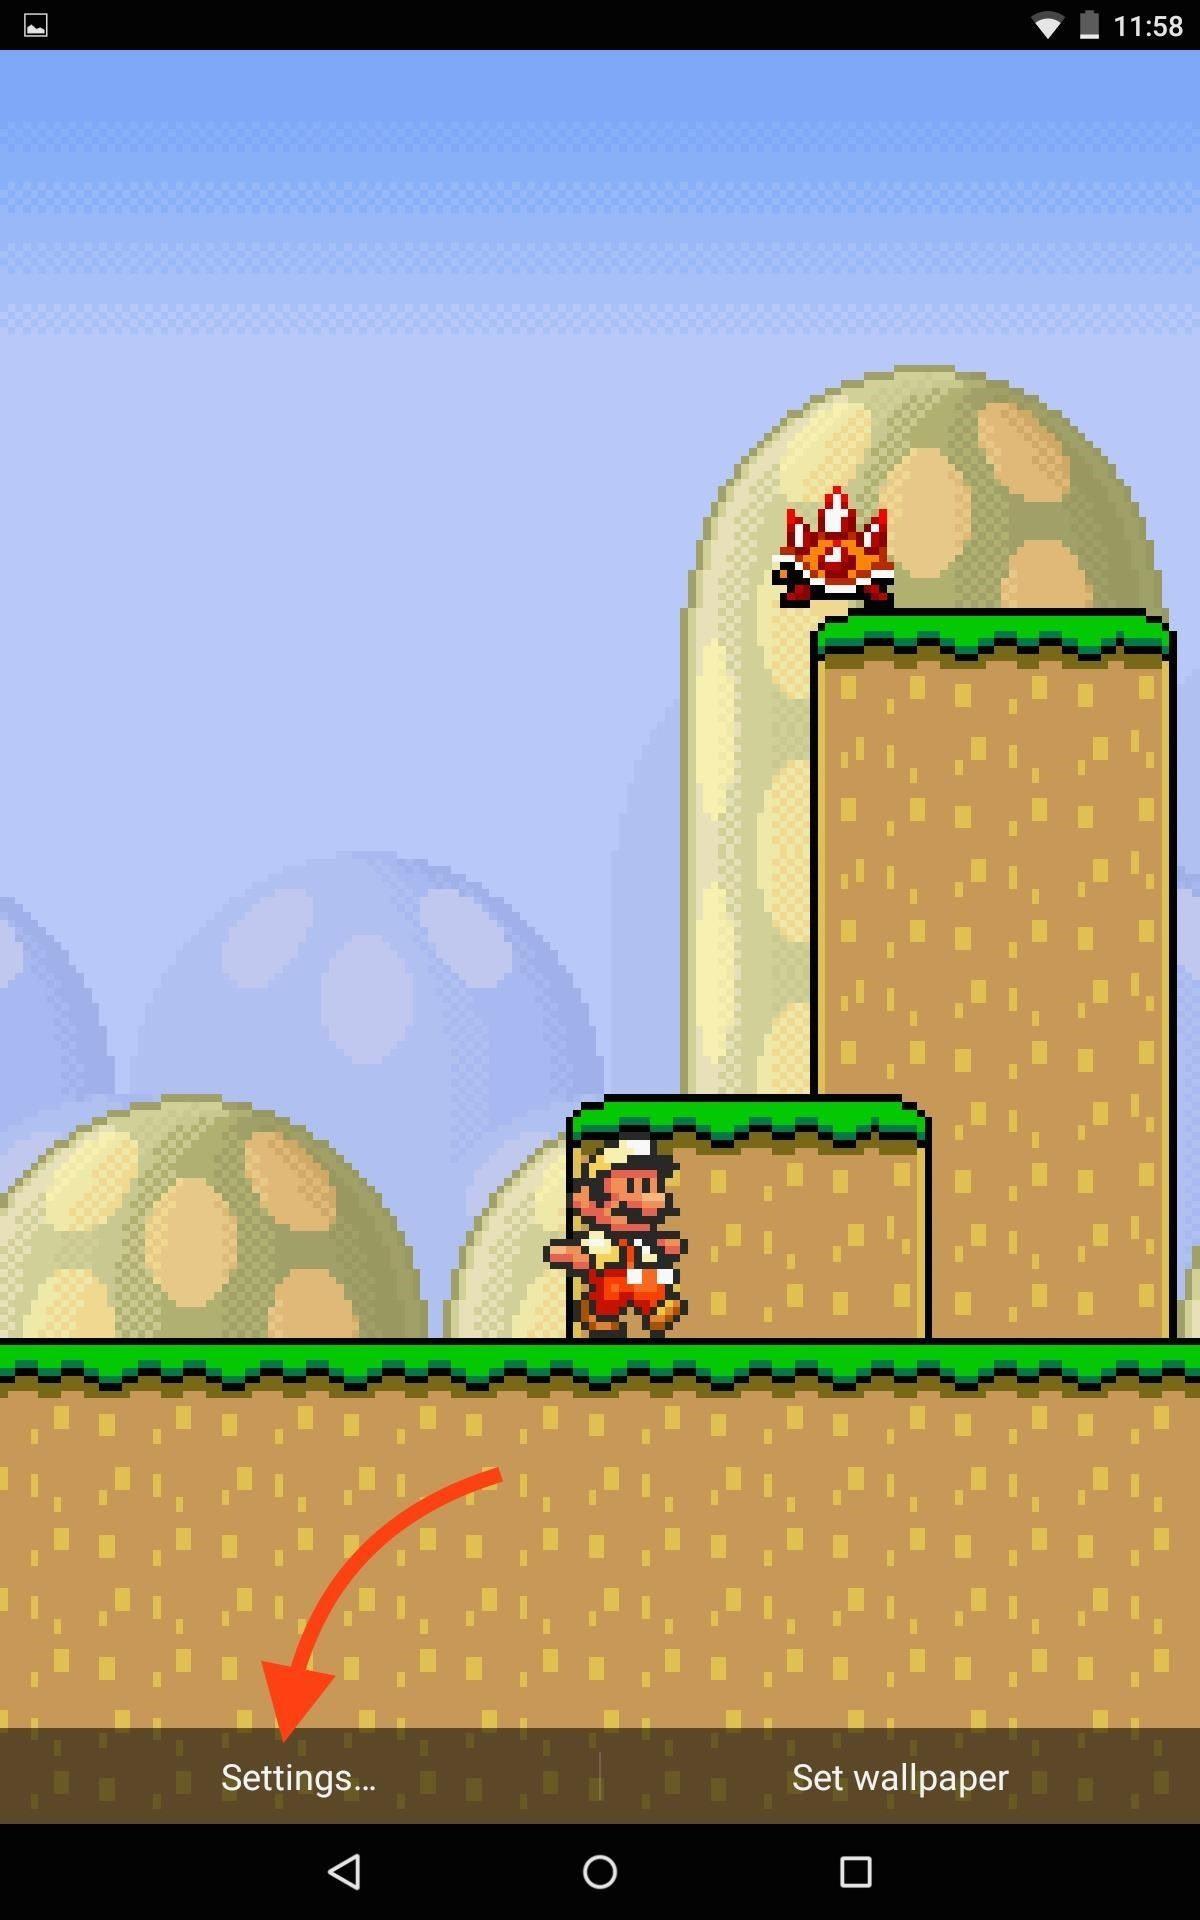 Super Mario Bros Live Wallpaper 61 Images